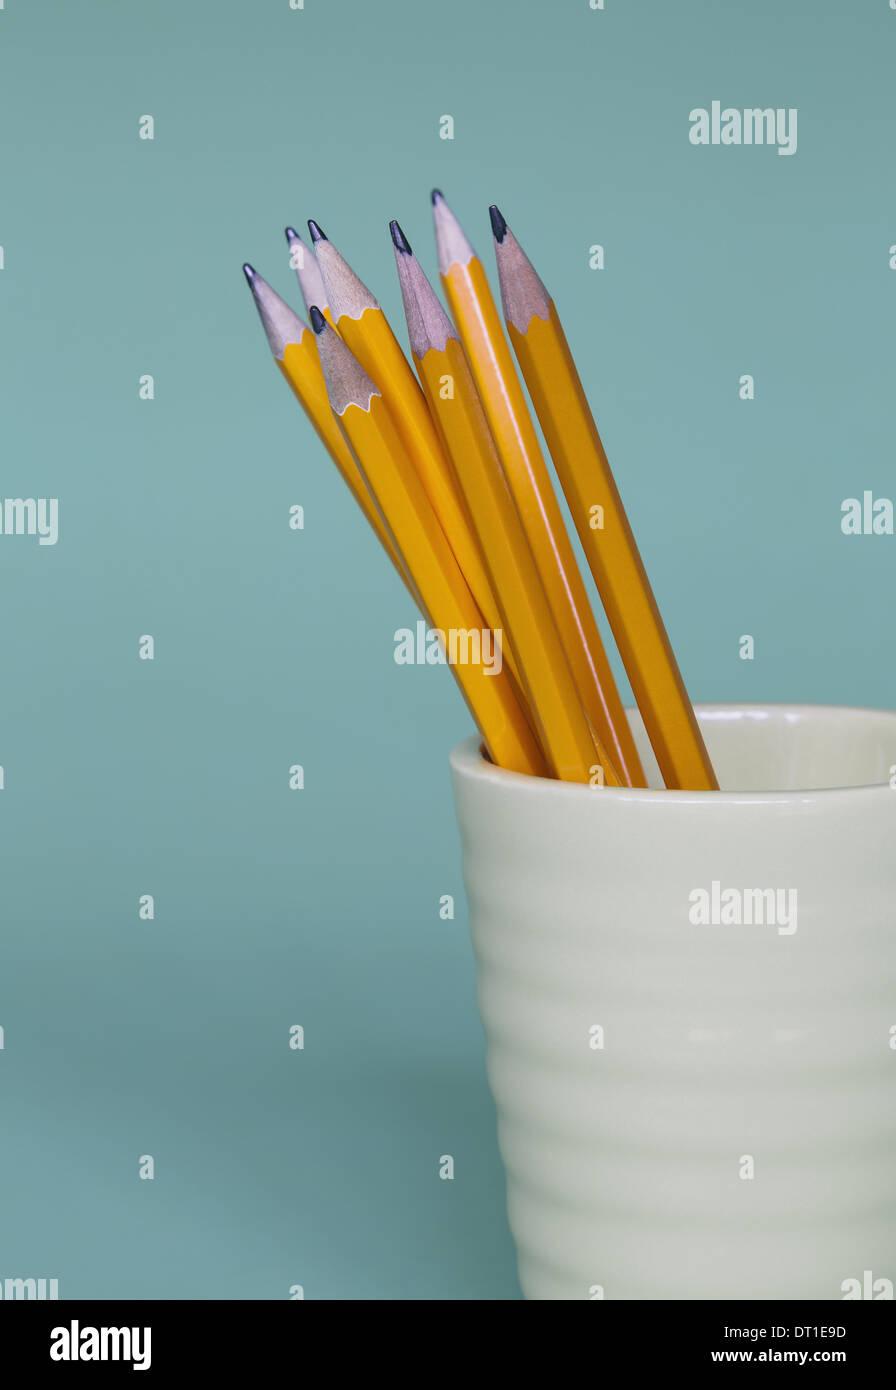 Affilare matite a tazza su sfondo blu Immagini Stock